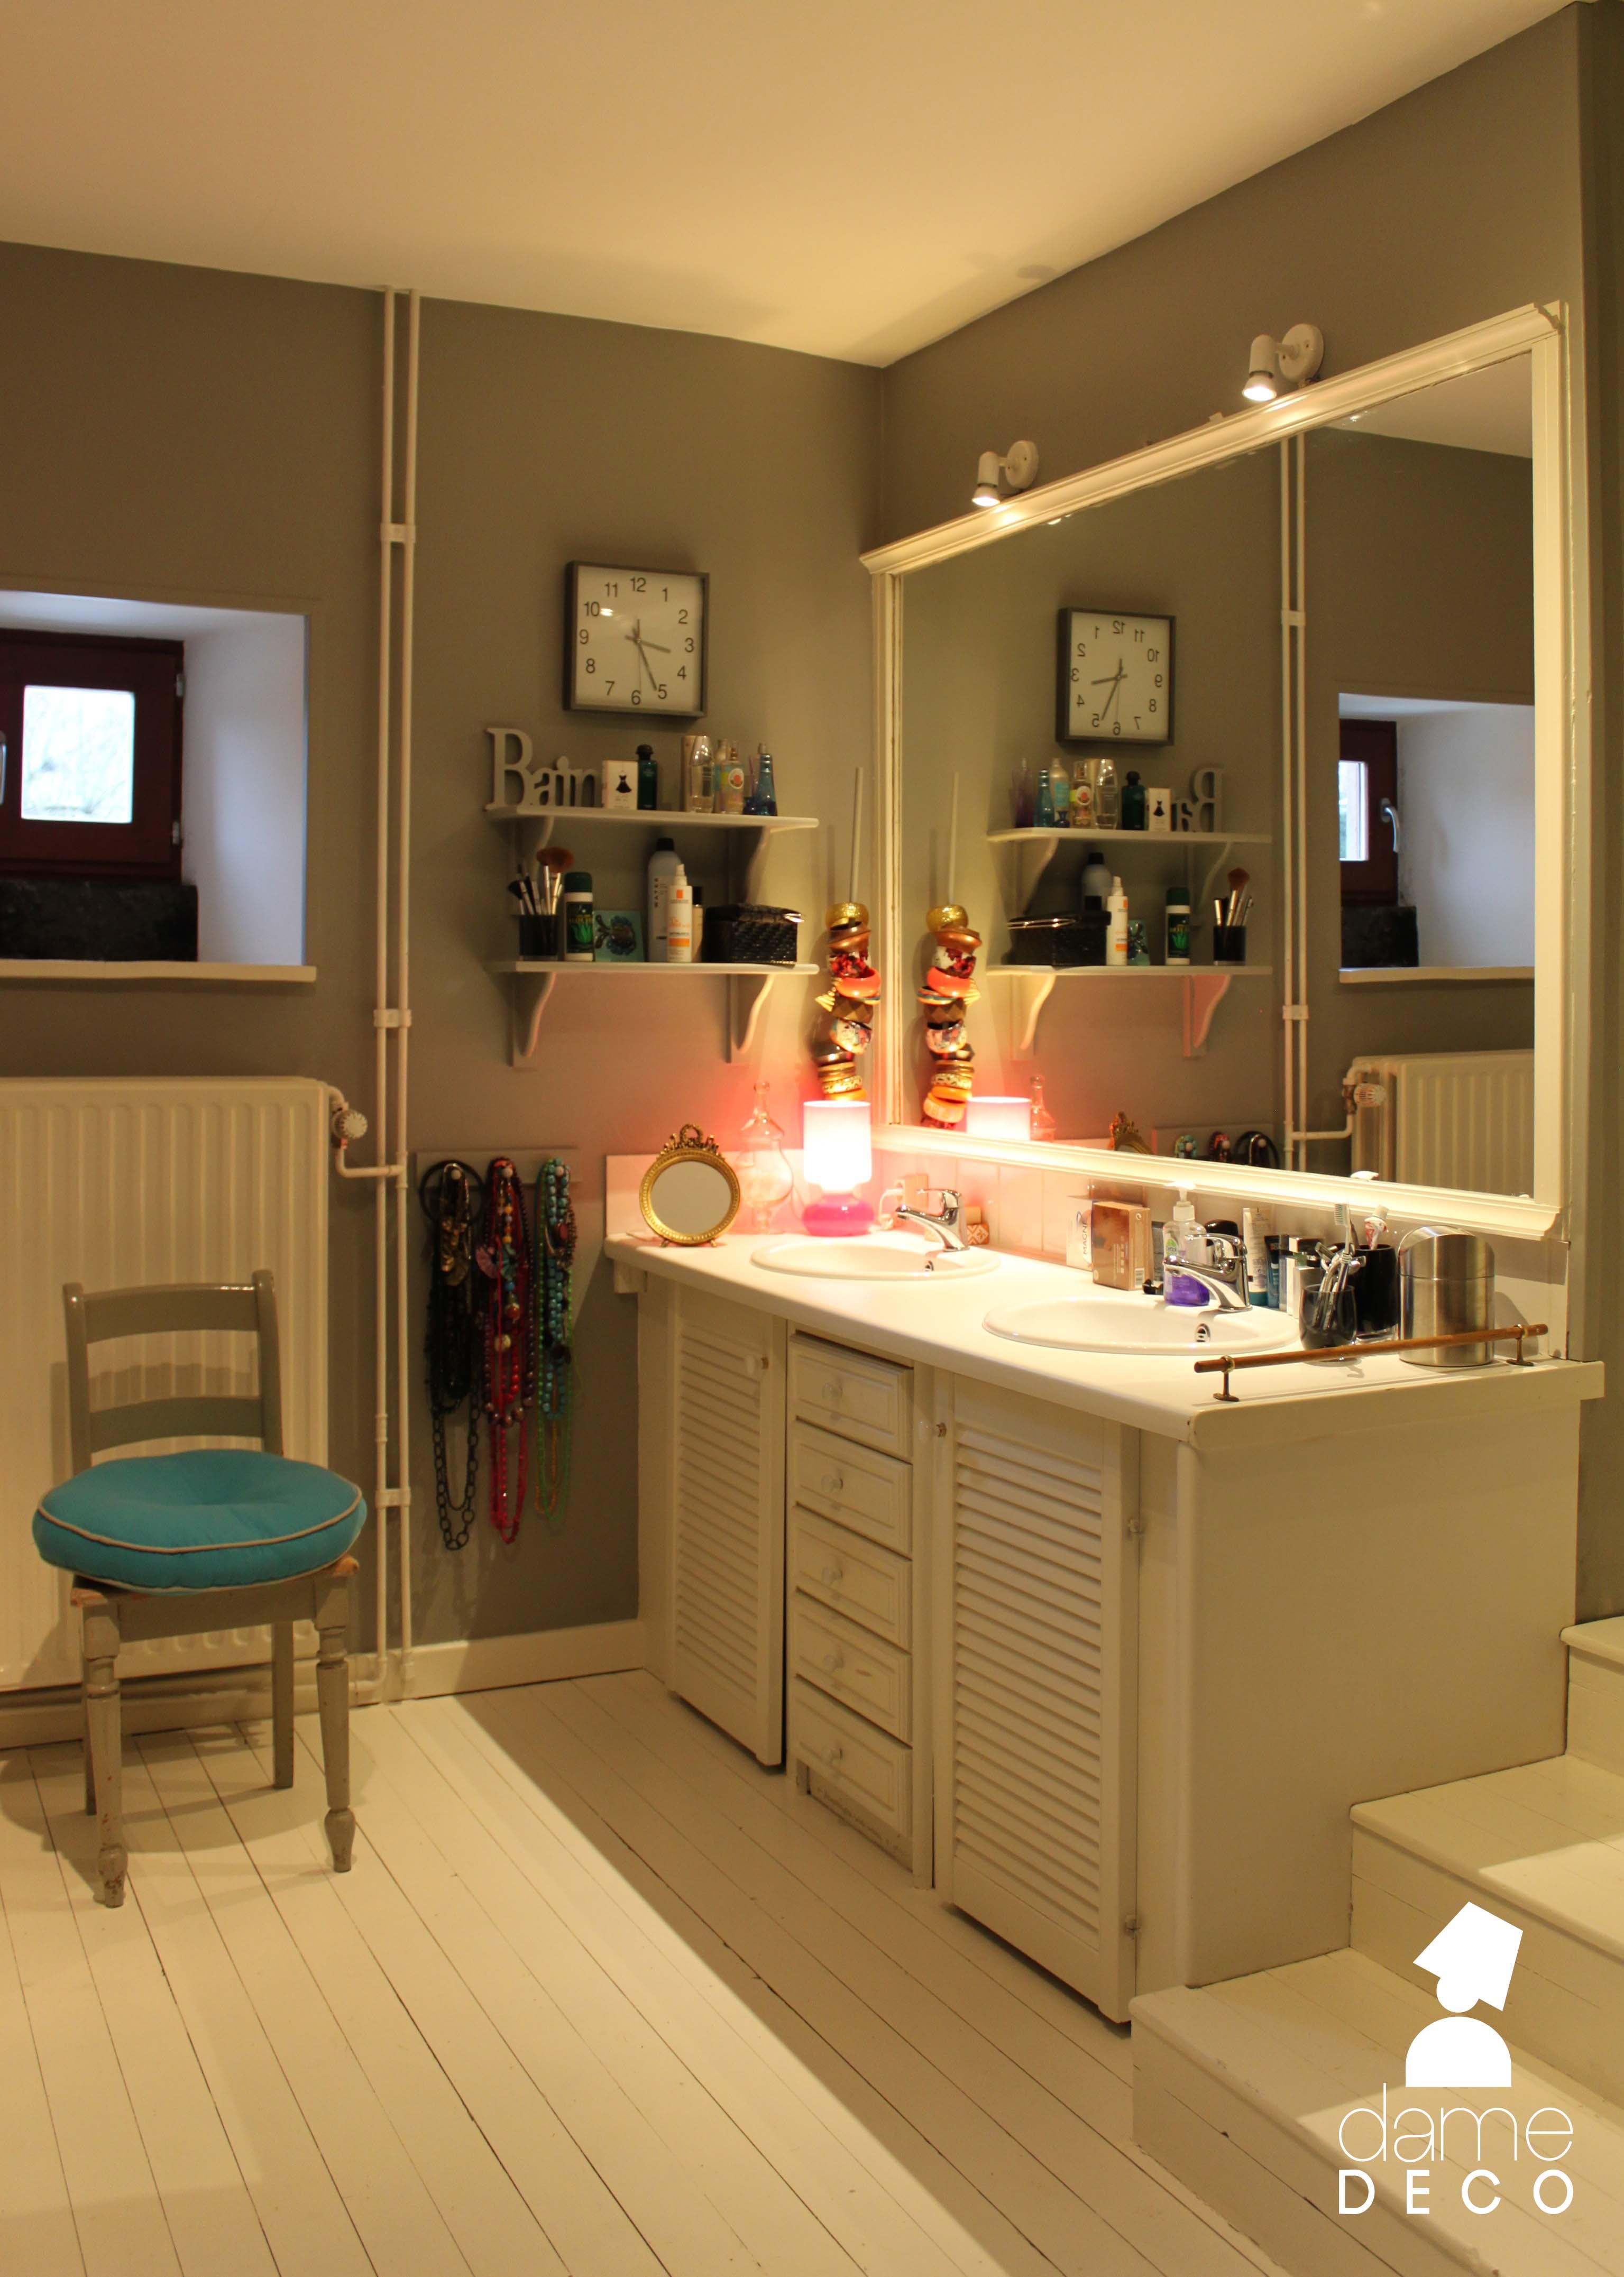 conseils couleurs salle de bain maison florze